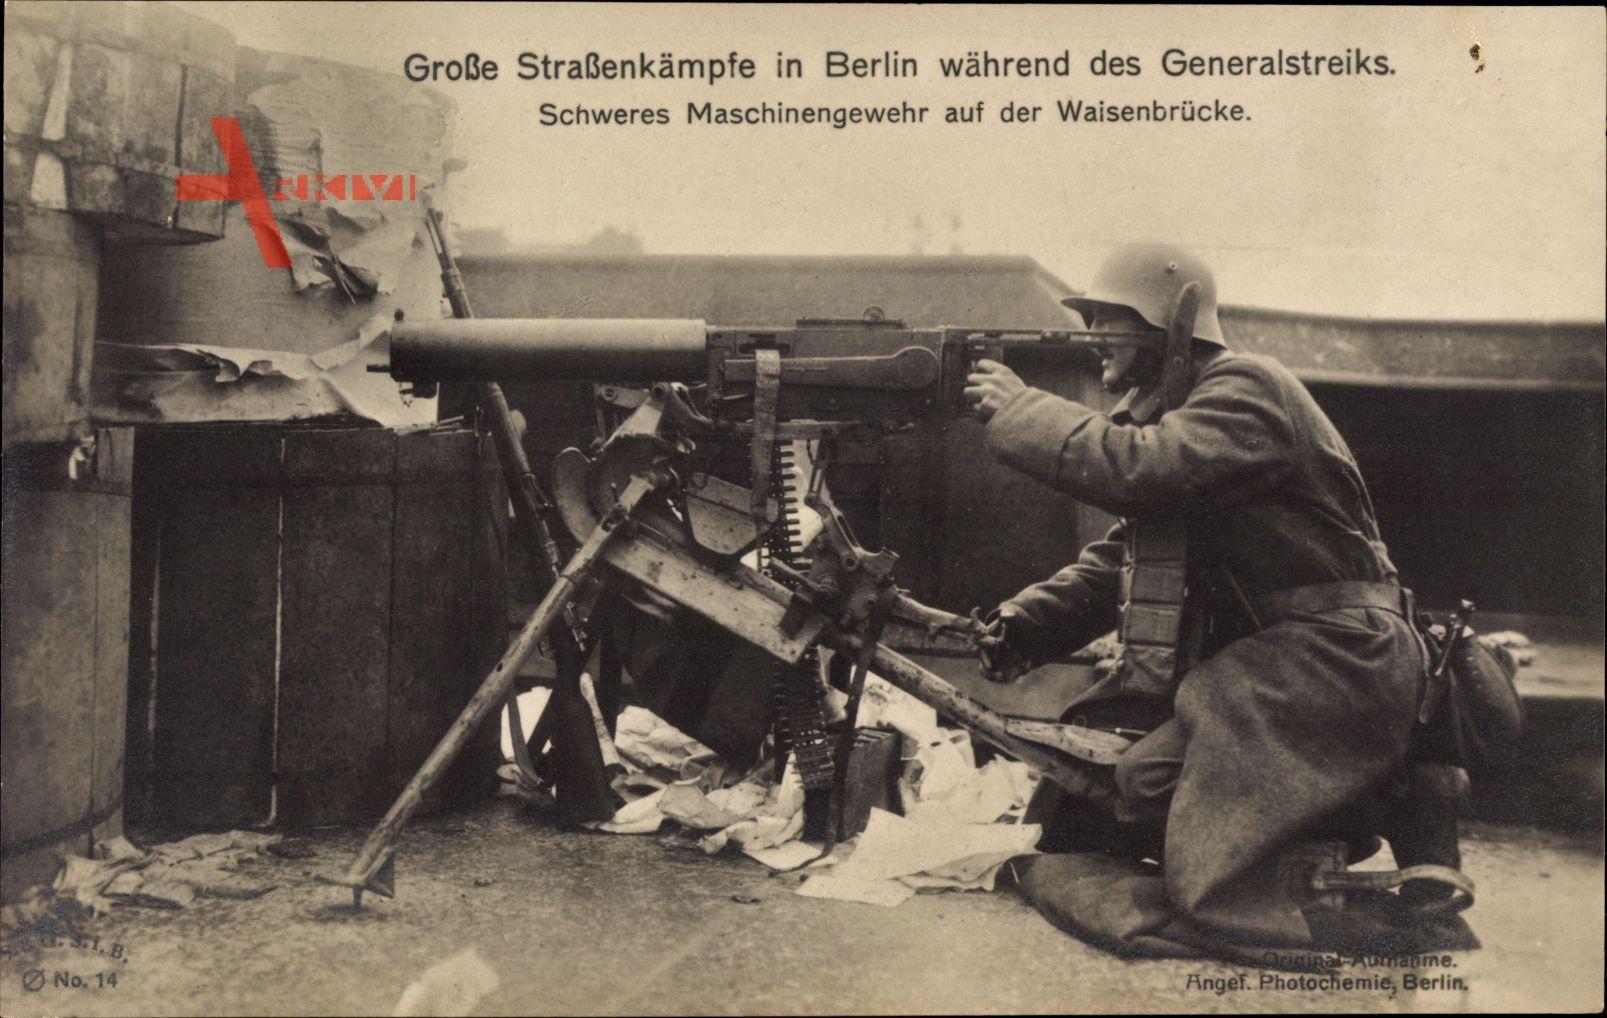 Berlin, Straßenkämpfe, Generalstreik 1919, Maschinengewehr, Waisenbrücke